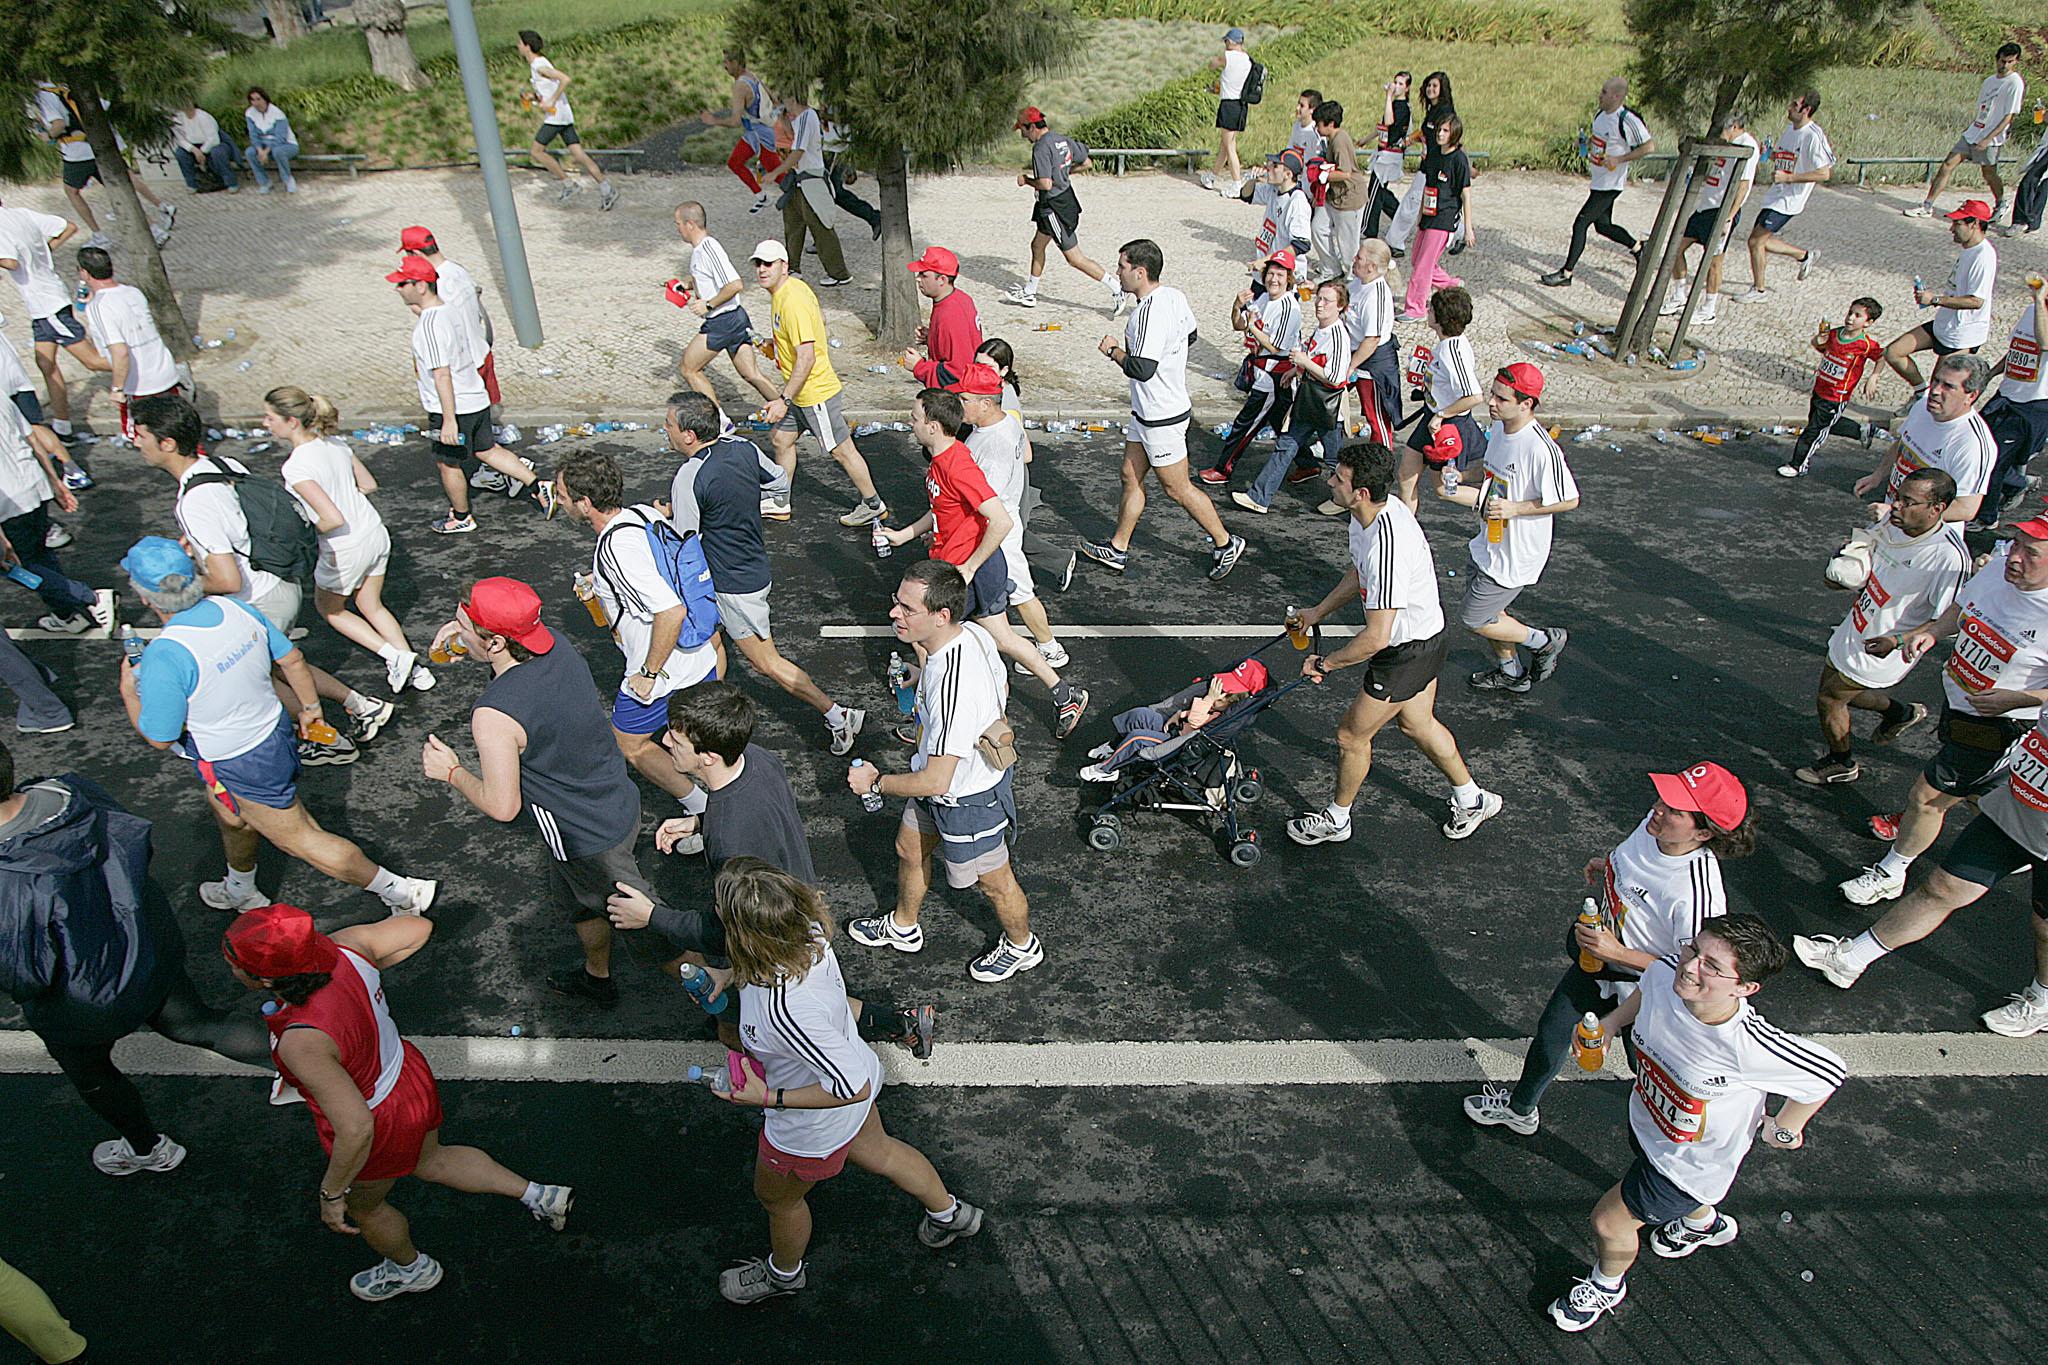 PÚBLICO - Provas desportivas interrompem várias ruas de Lisboa no domingo